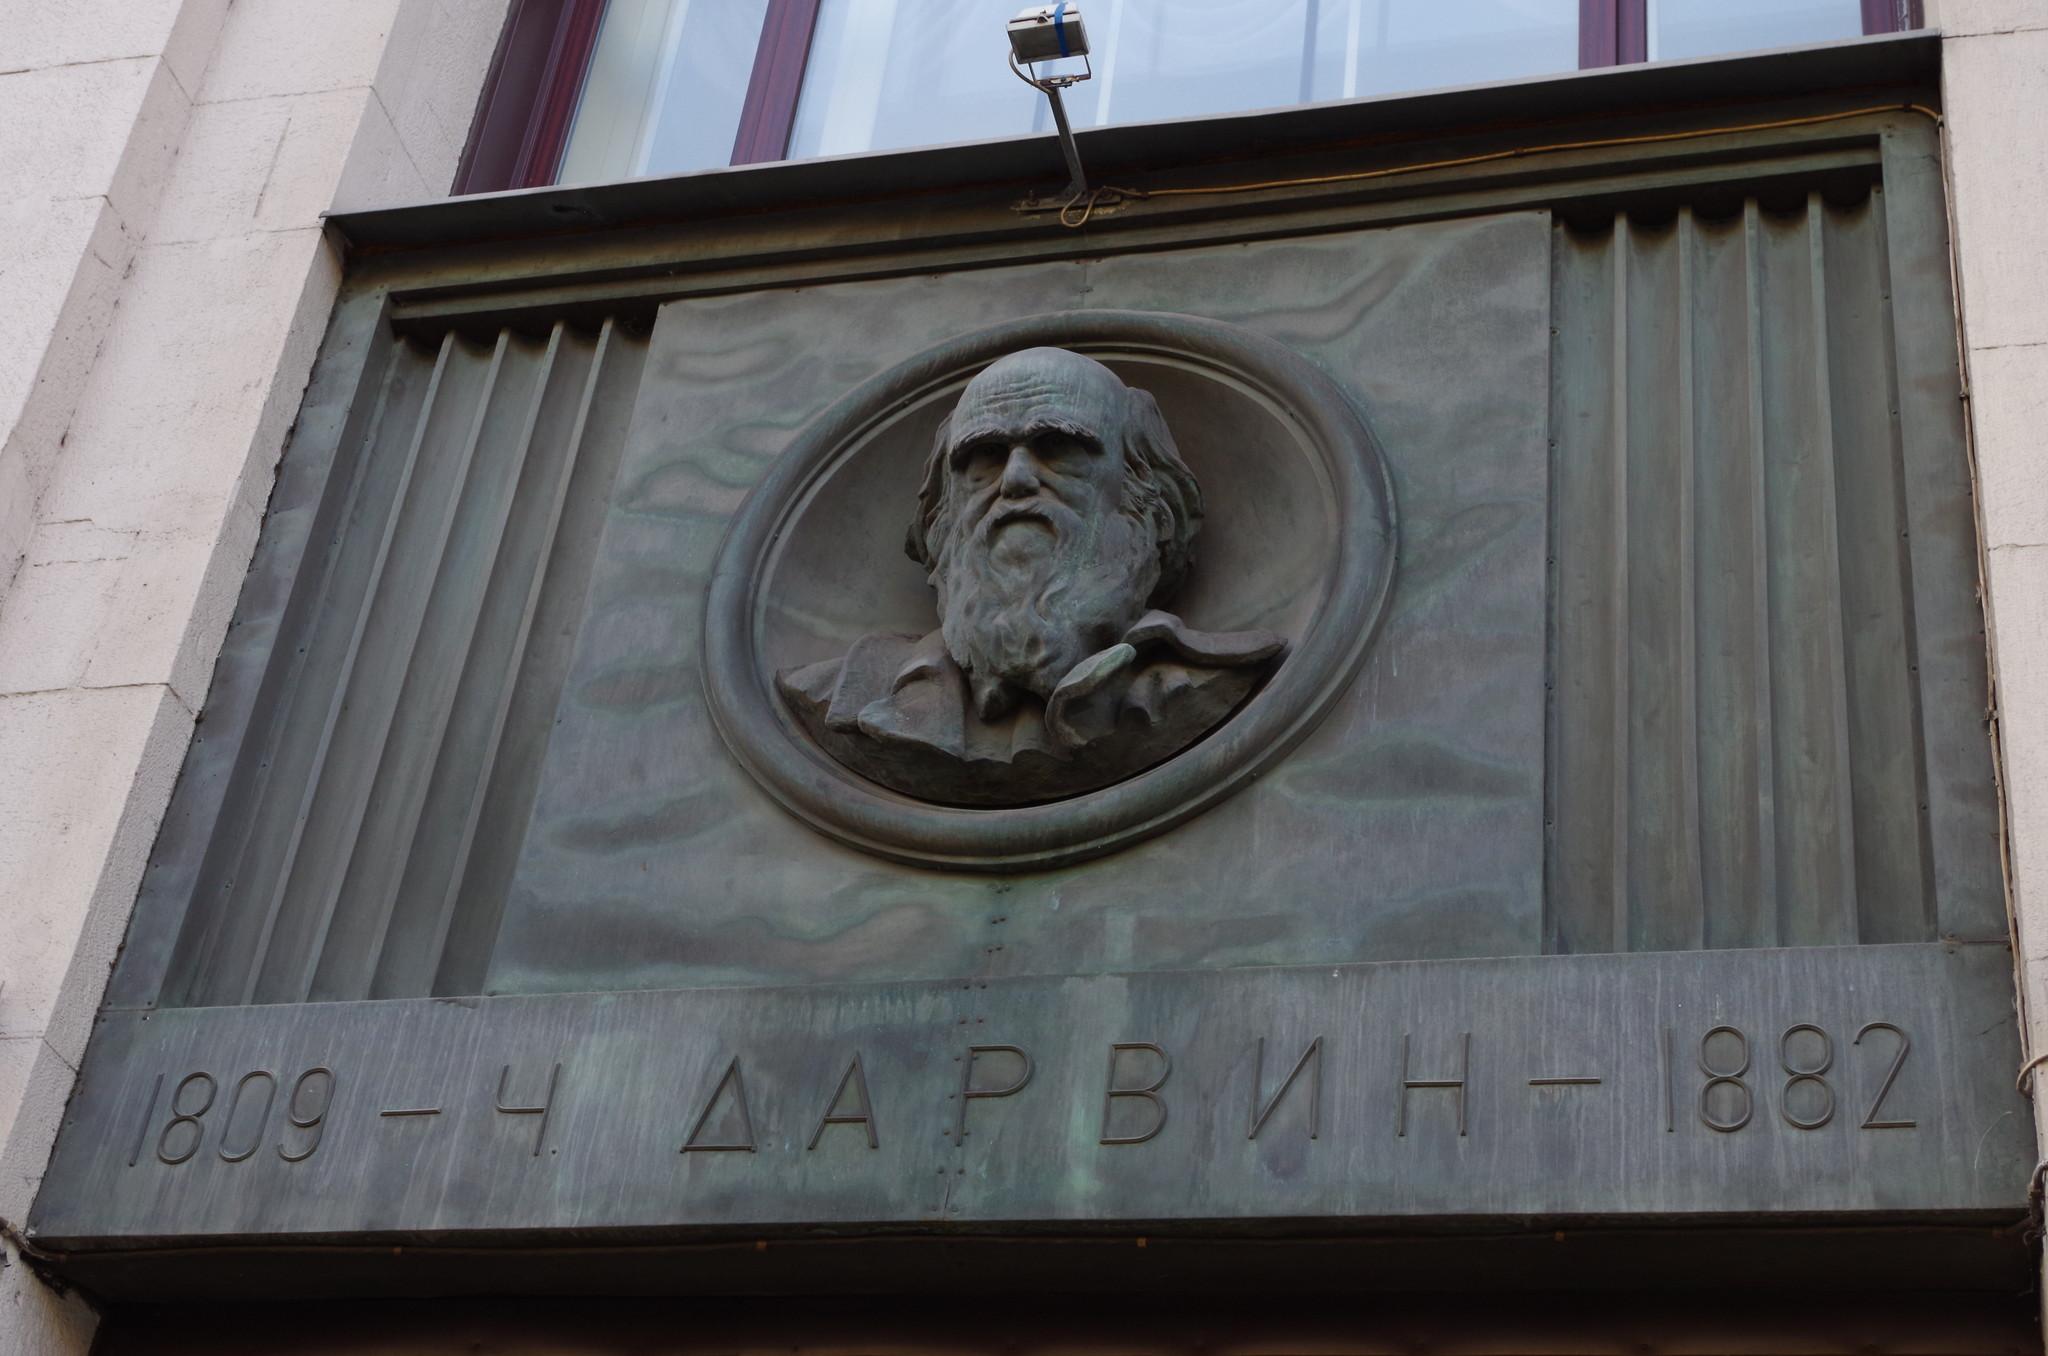 Бронзовый барельеф с изображением Чарльза Дарвина расположенный между пилонами фасада Российской государственной библиотеки